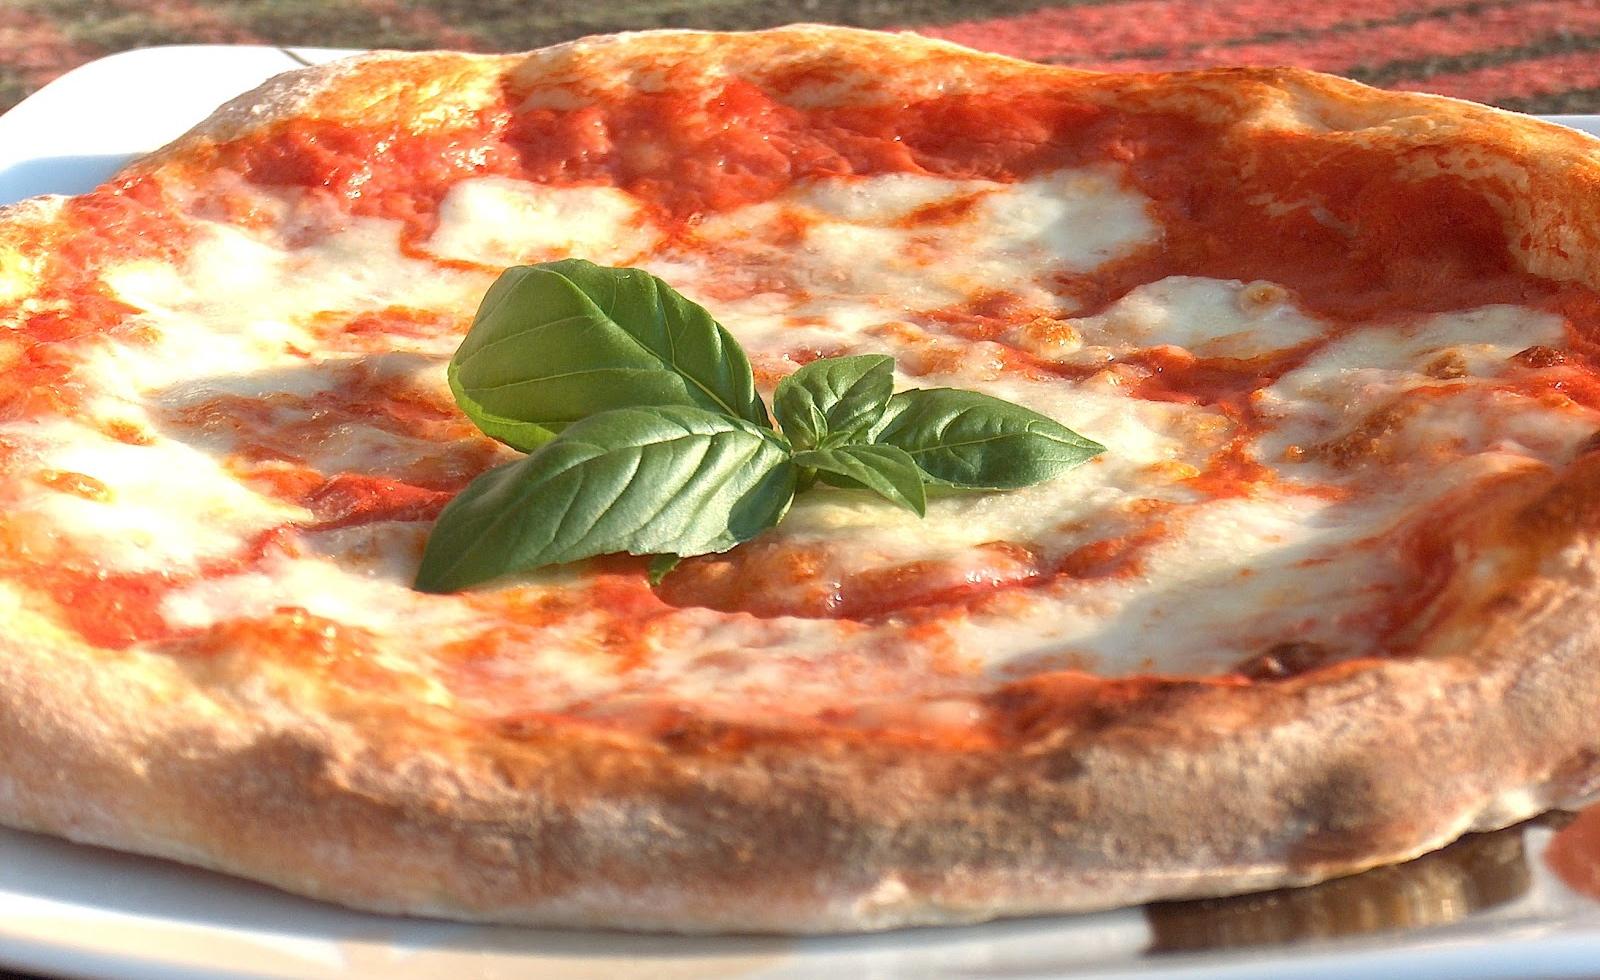 Pizza: come mangiarla senza ingrassare